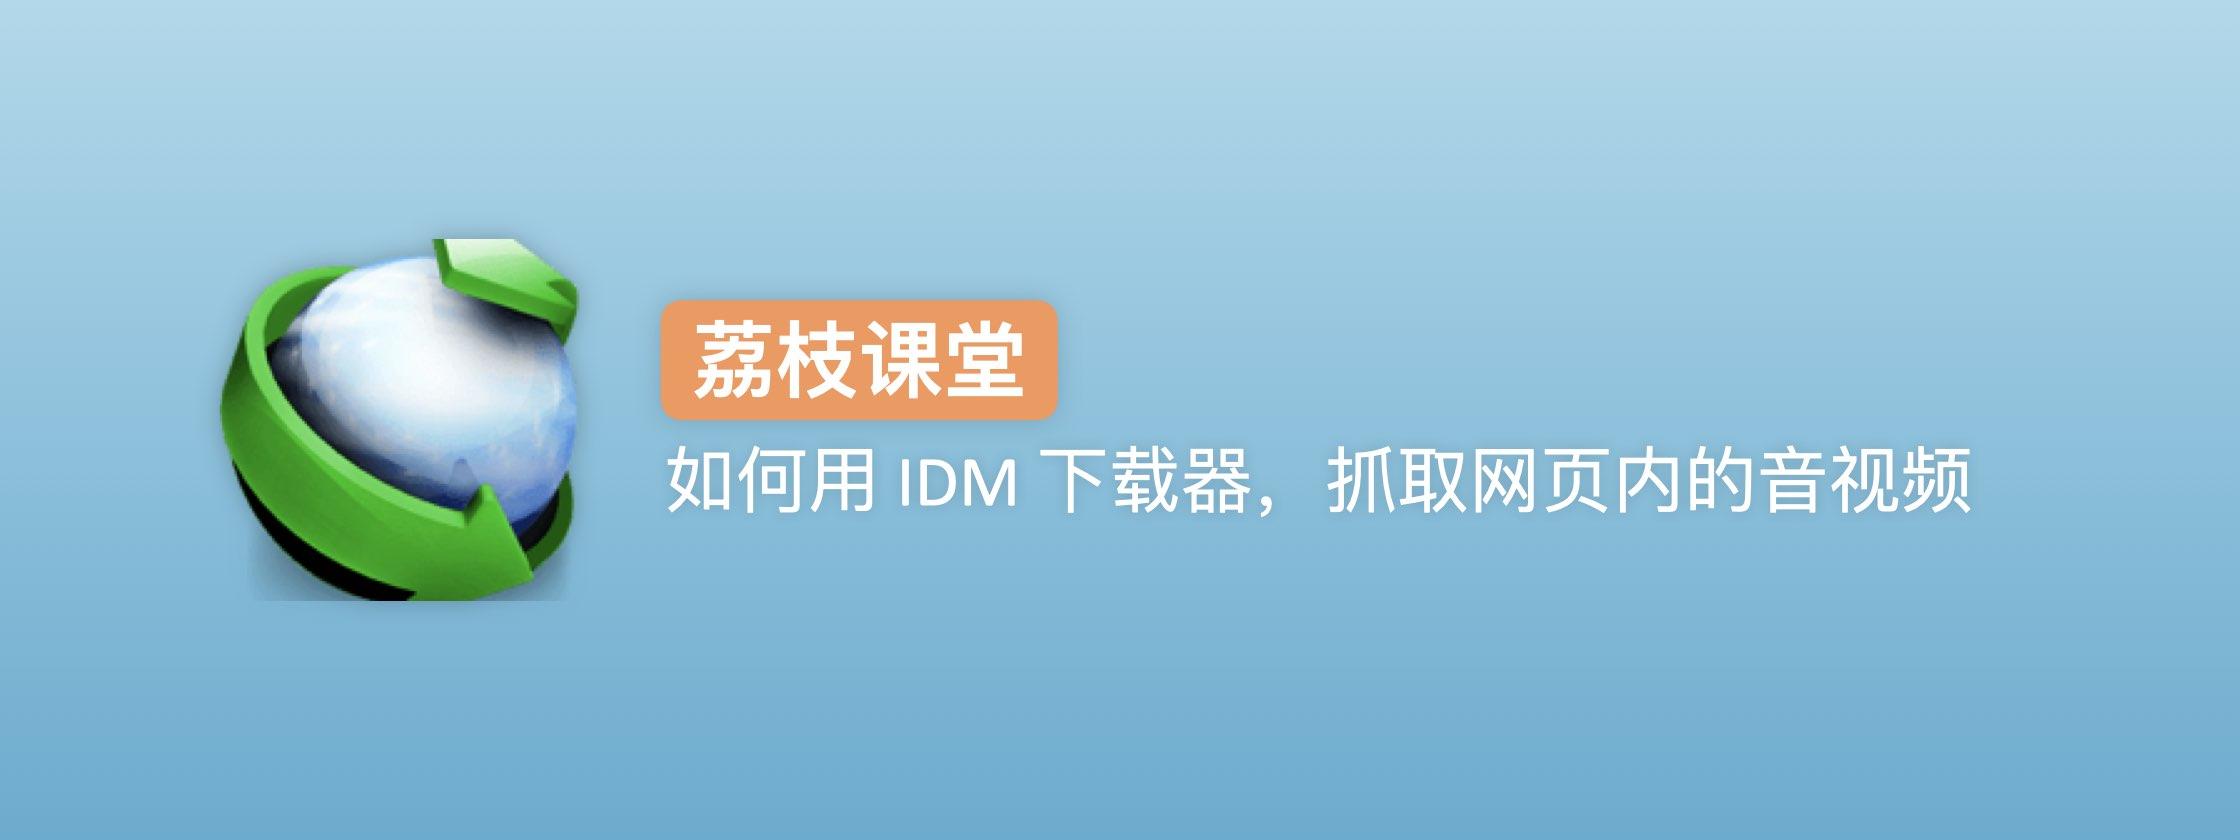 荔枝课堂   如何用 IDM 下载器,抓取网页内的音视频